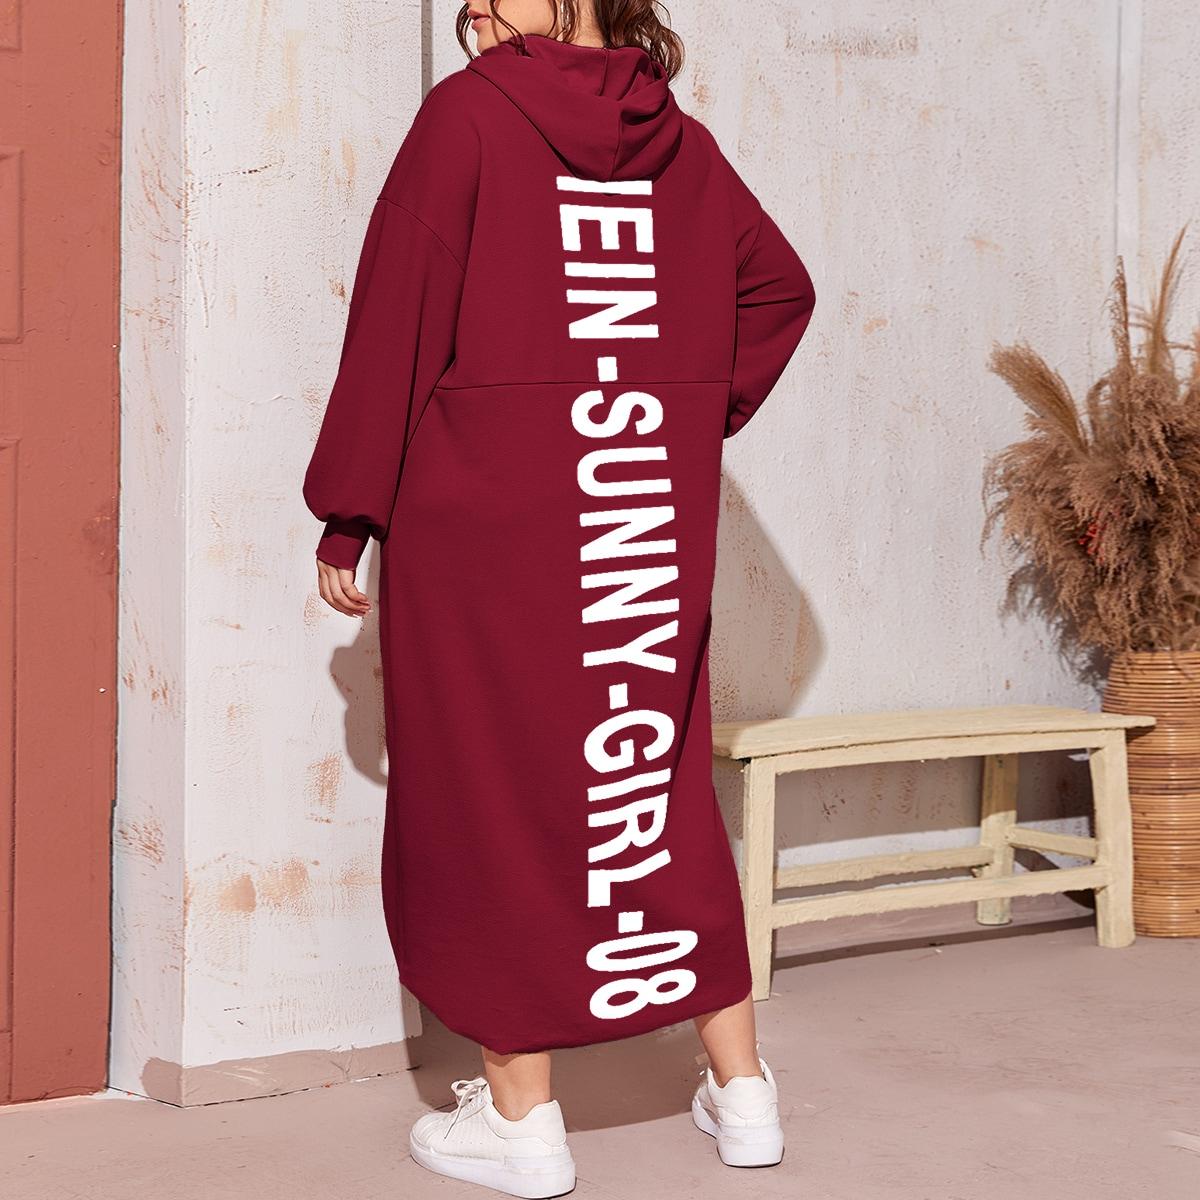 Платье размера плюс с капюшоном, карманом и текстовым принтом